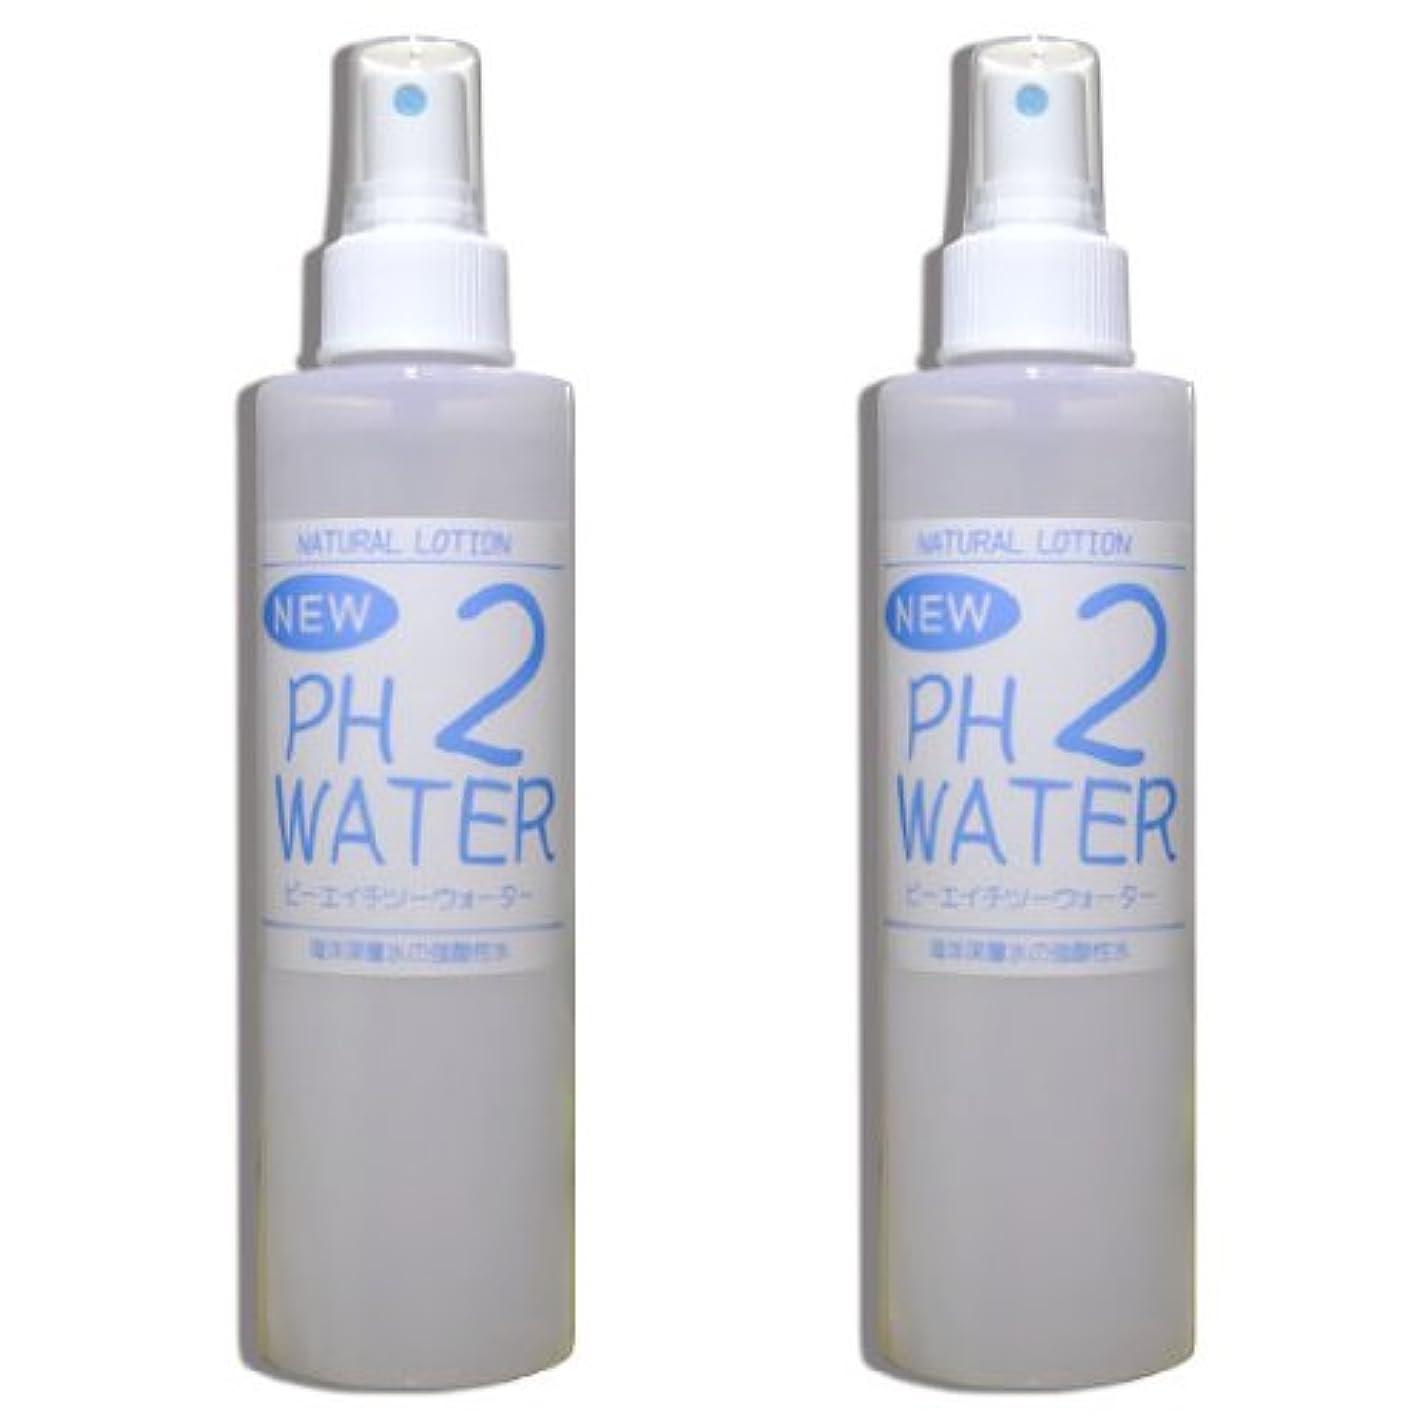 構成ファイター健康的強酸性水 NEW PH2ウォーター『200mlスプレー2本セット』